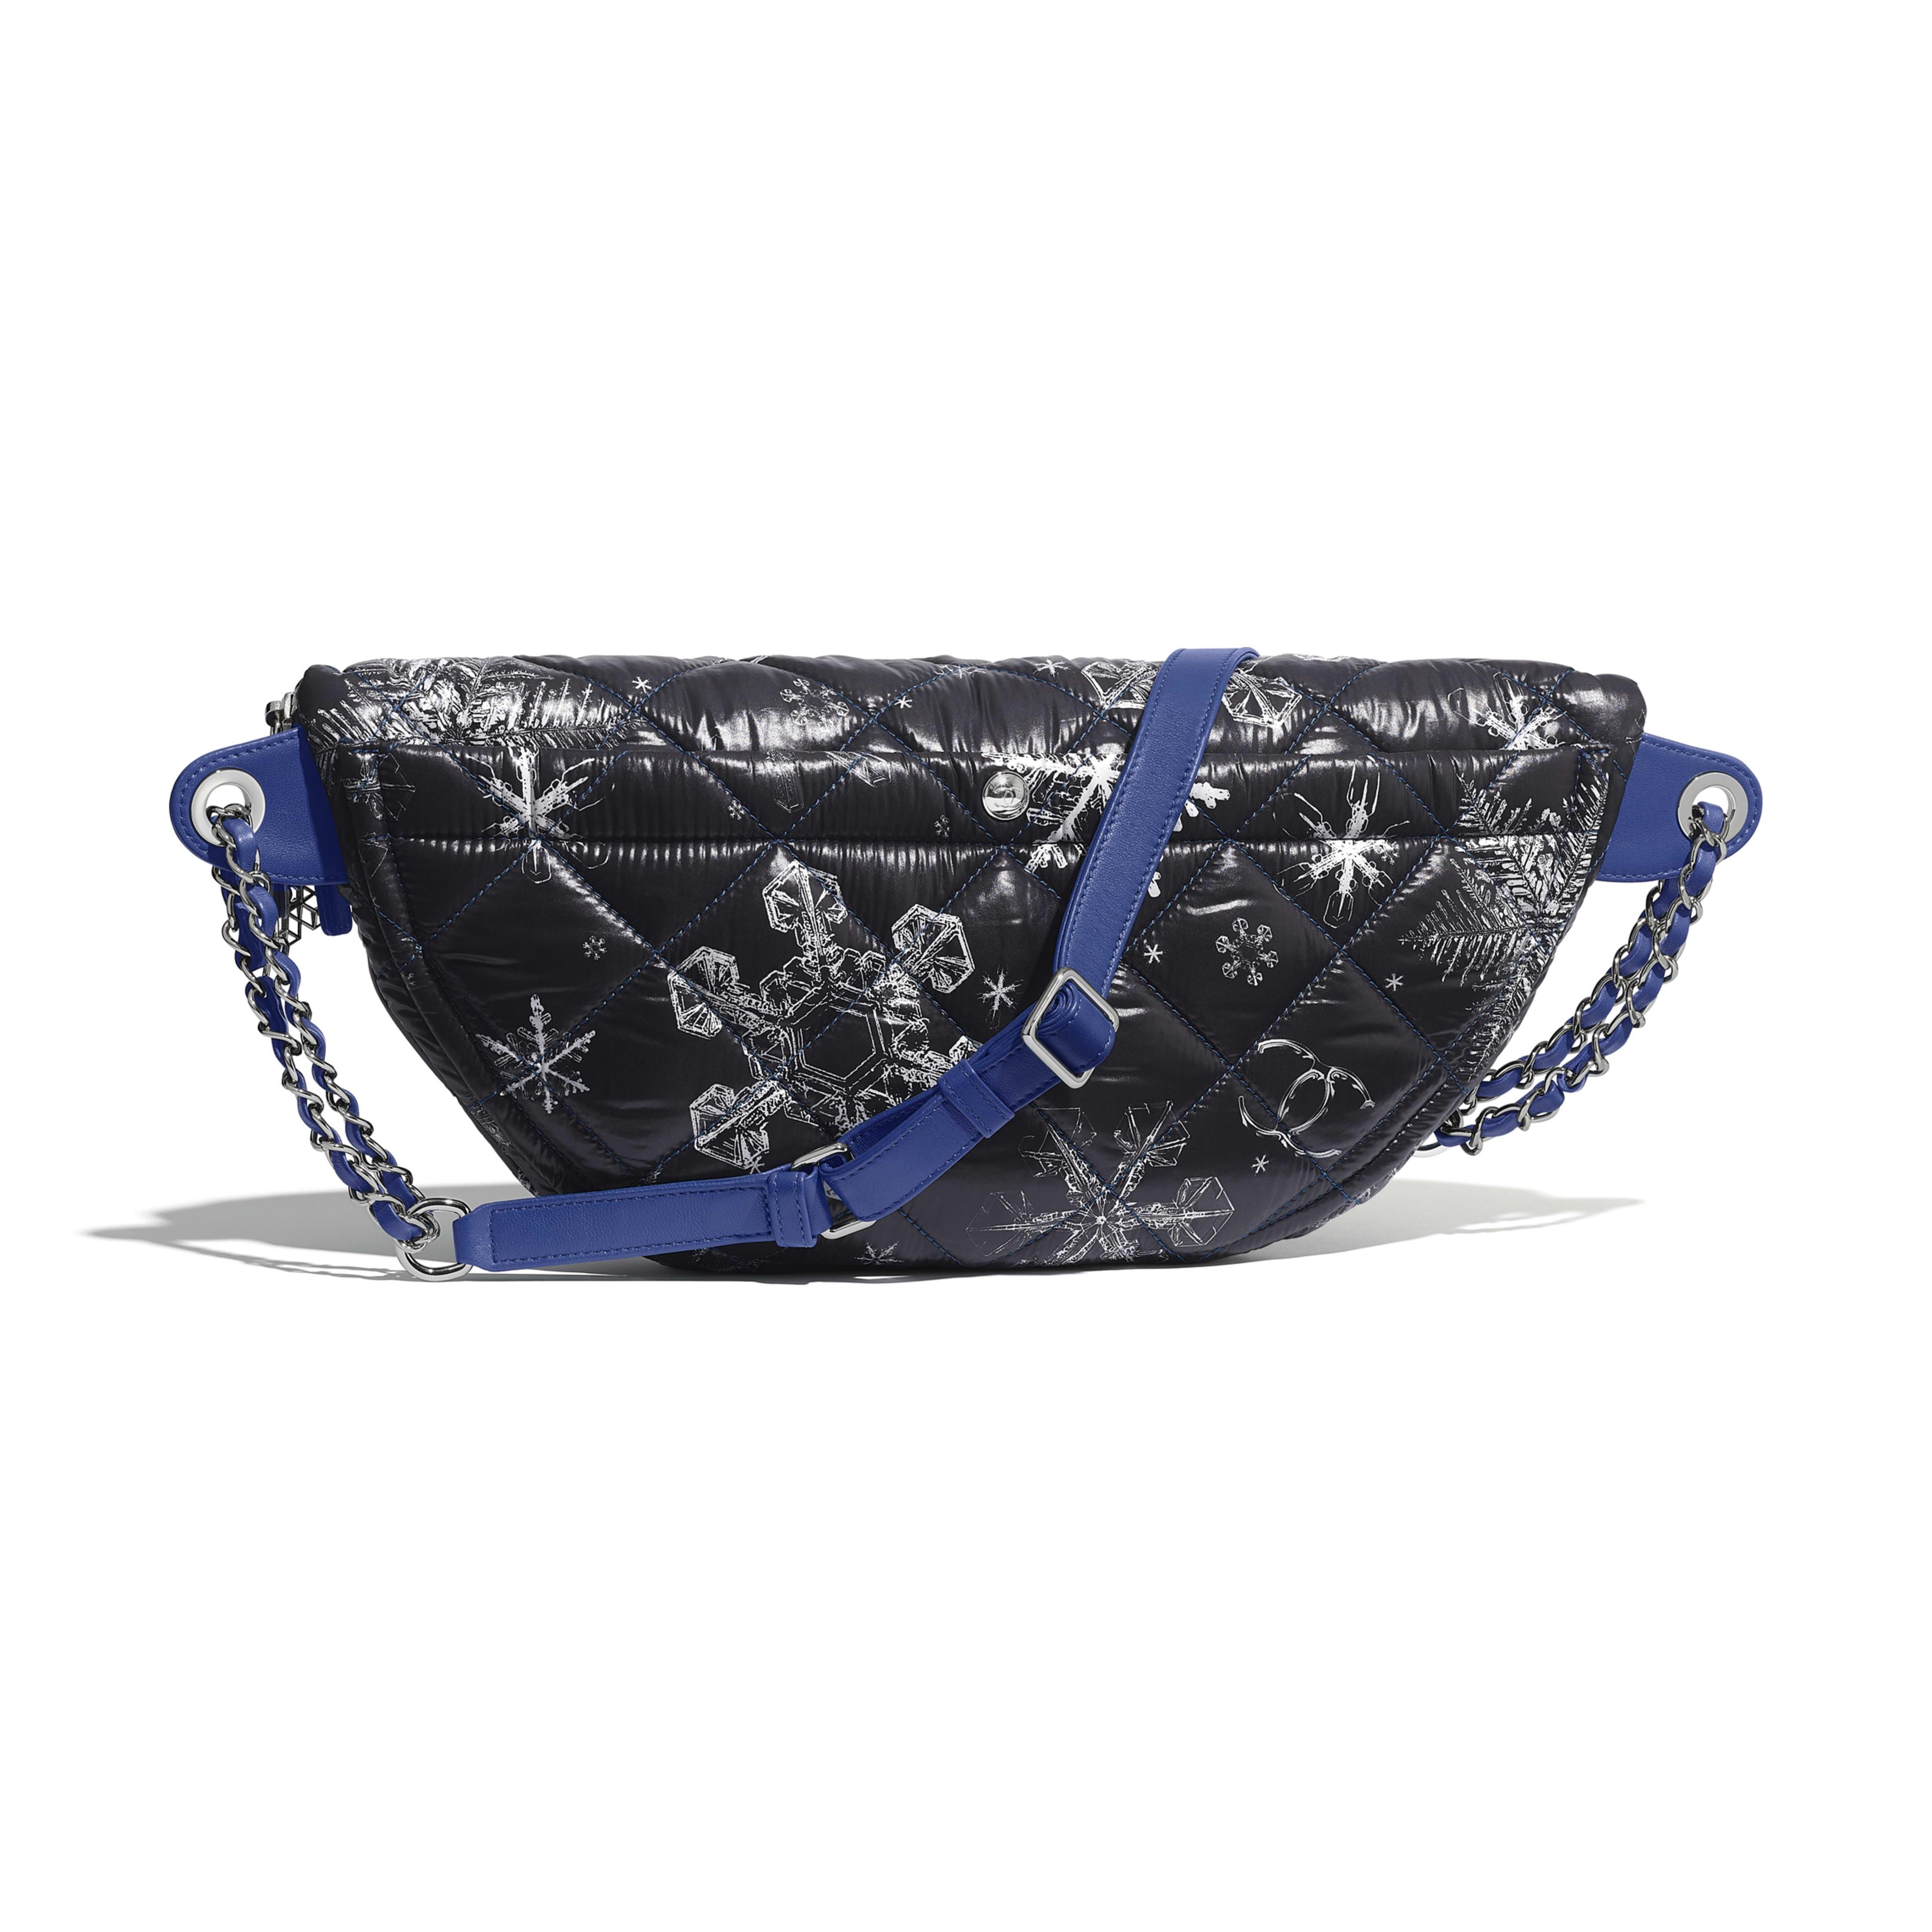 Сумка - Черный - Вуаль с принтом и металл рутениевого оттенка - Альтернативный вид - посмотреть полноразмерное изображение